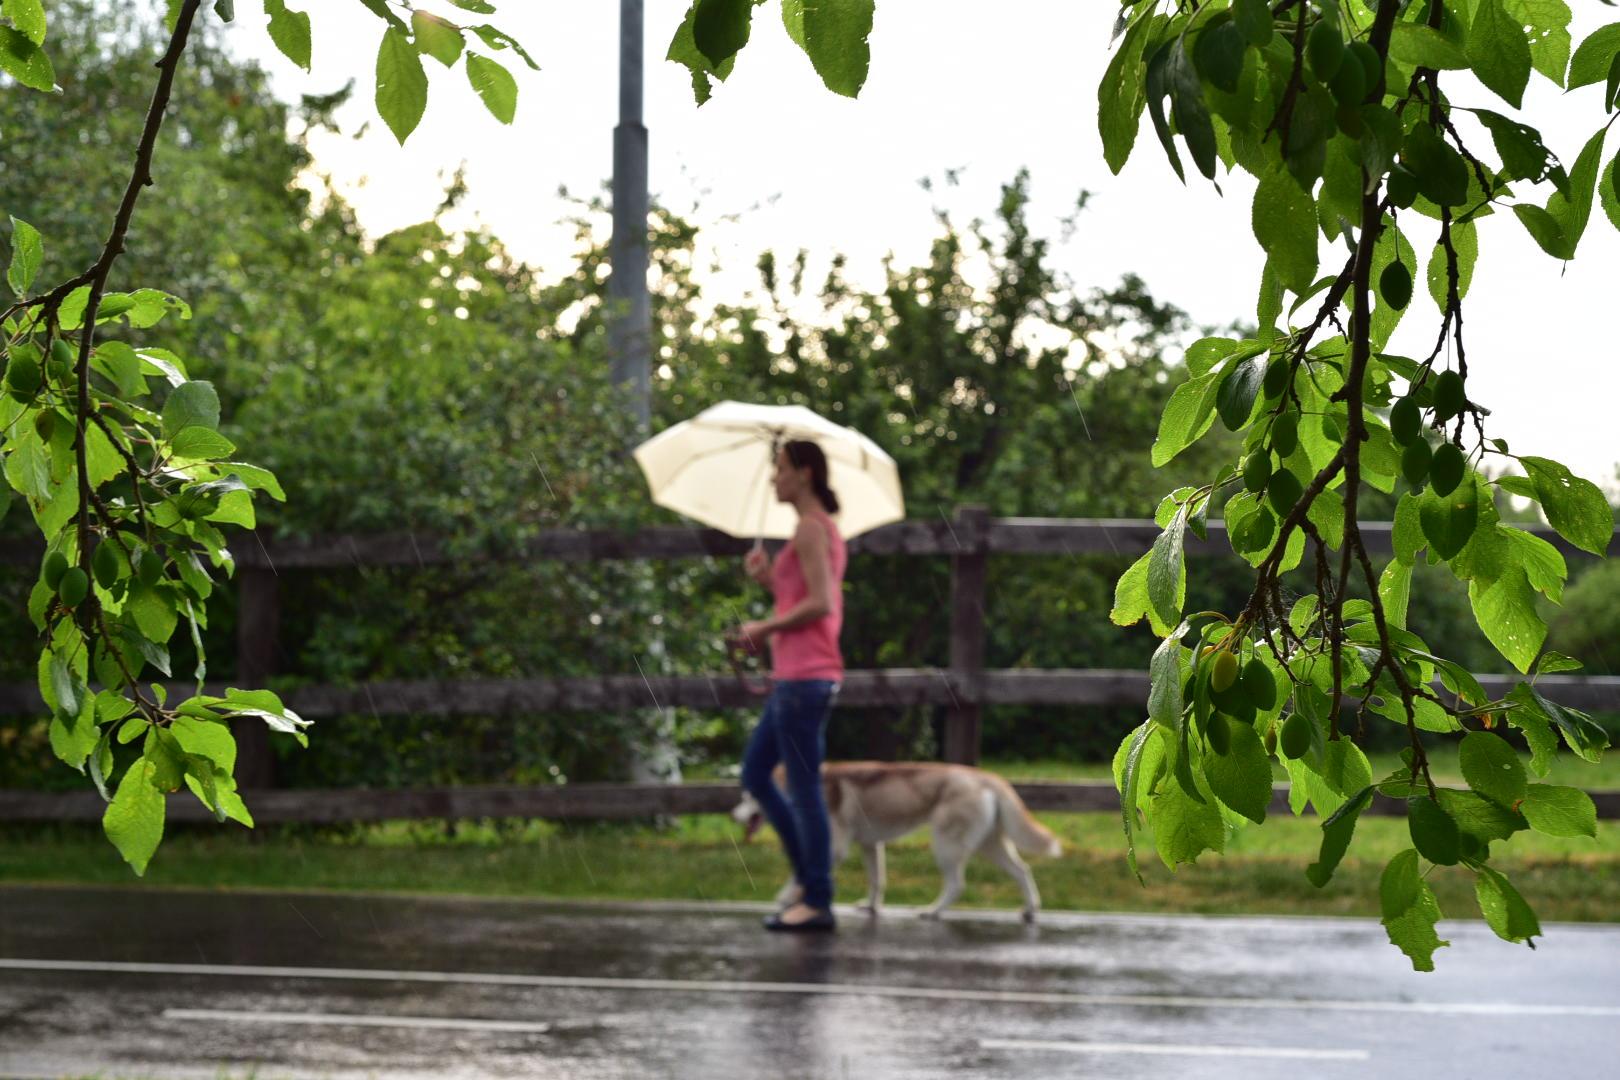 Москвичам пообещали тепло и дожди в воскресенье